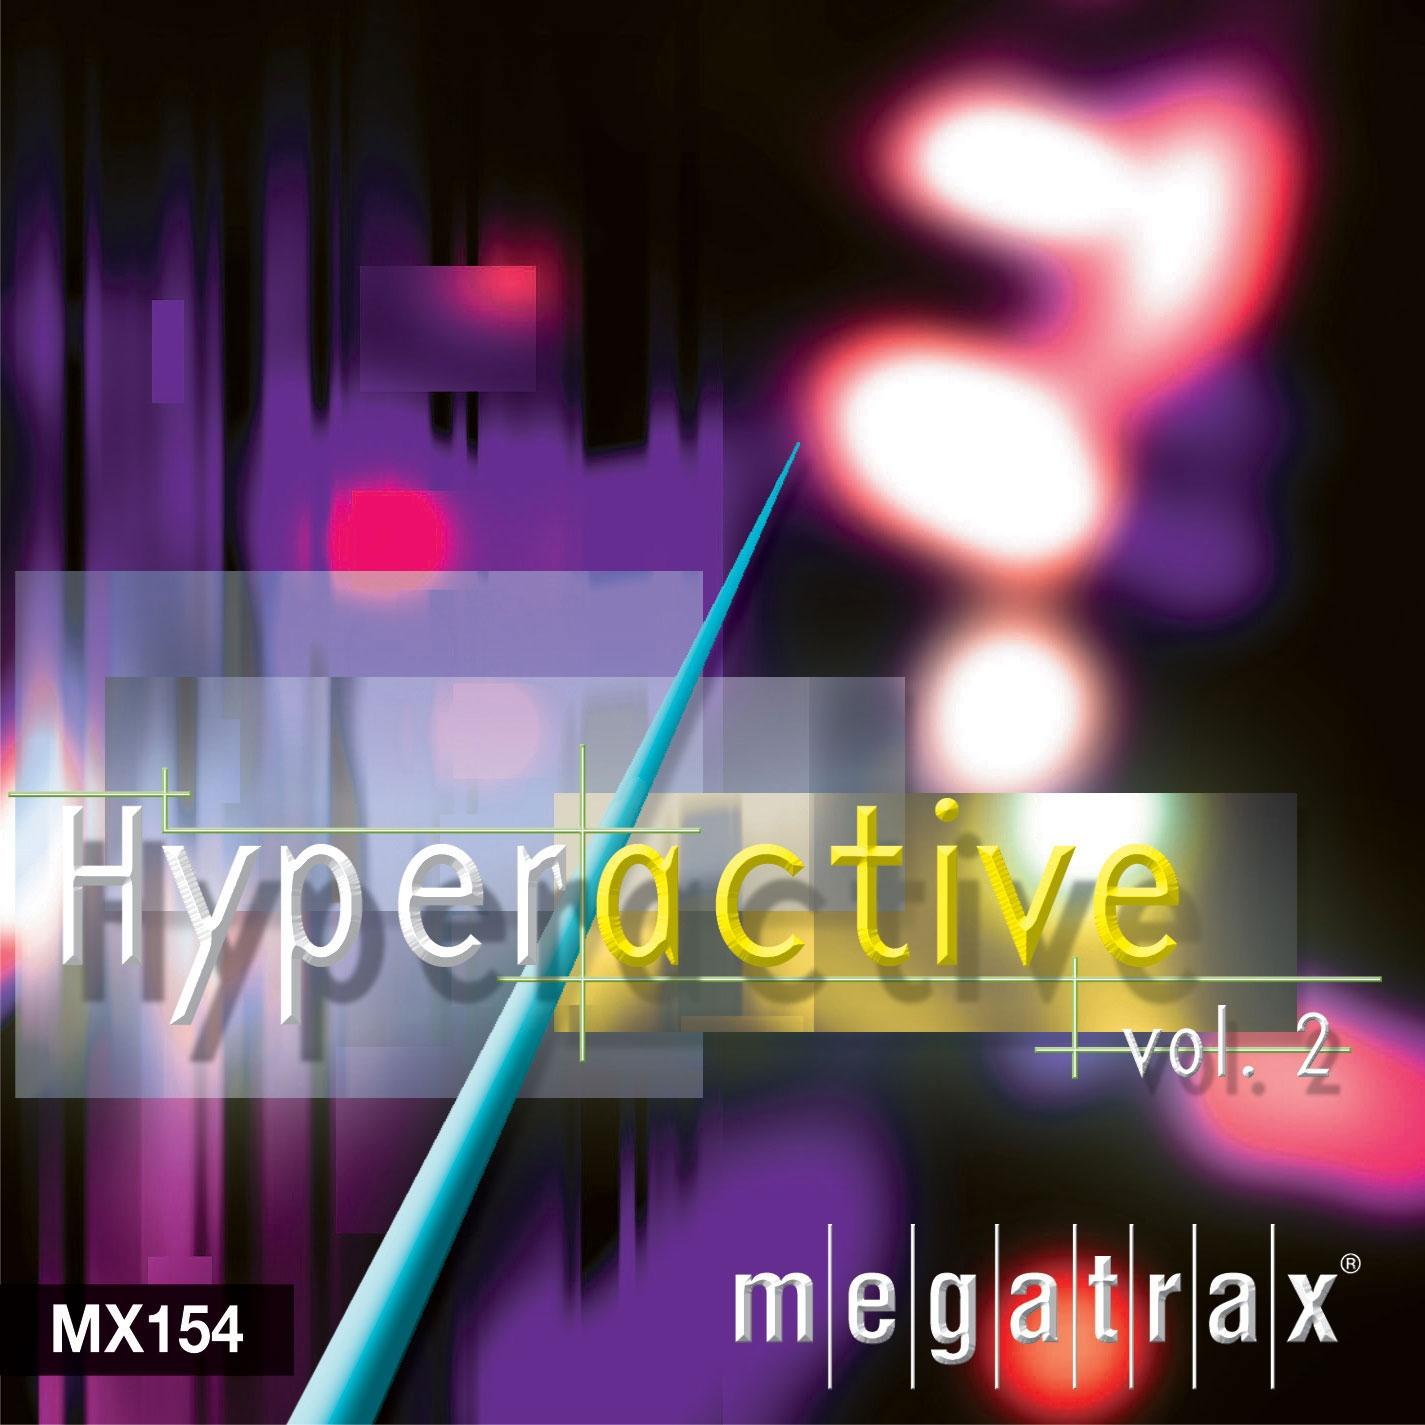 Hyperactive Vol. 2